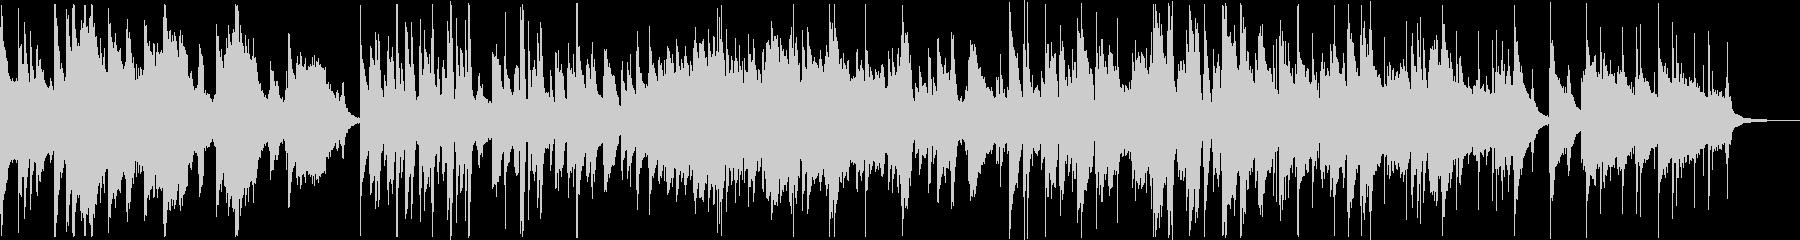 ムーディーなジャズバラードです。の未再生の波形